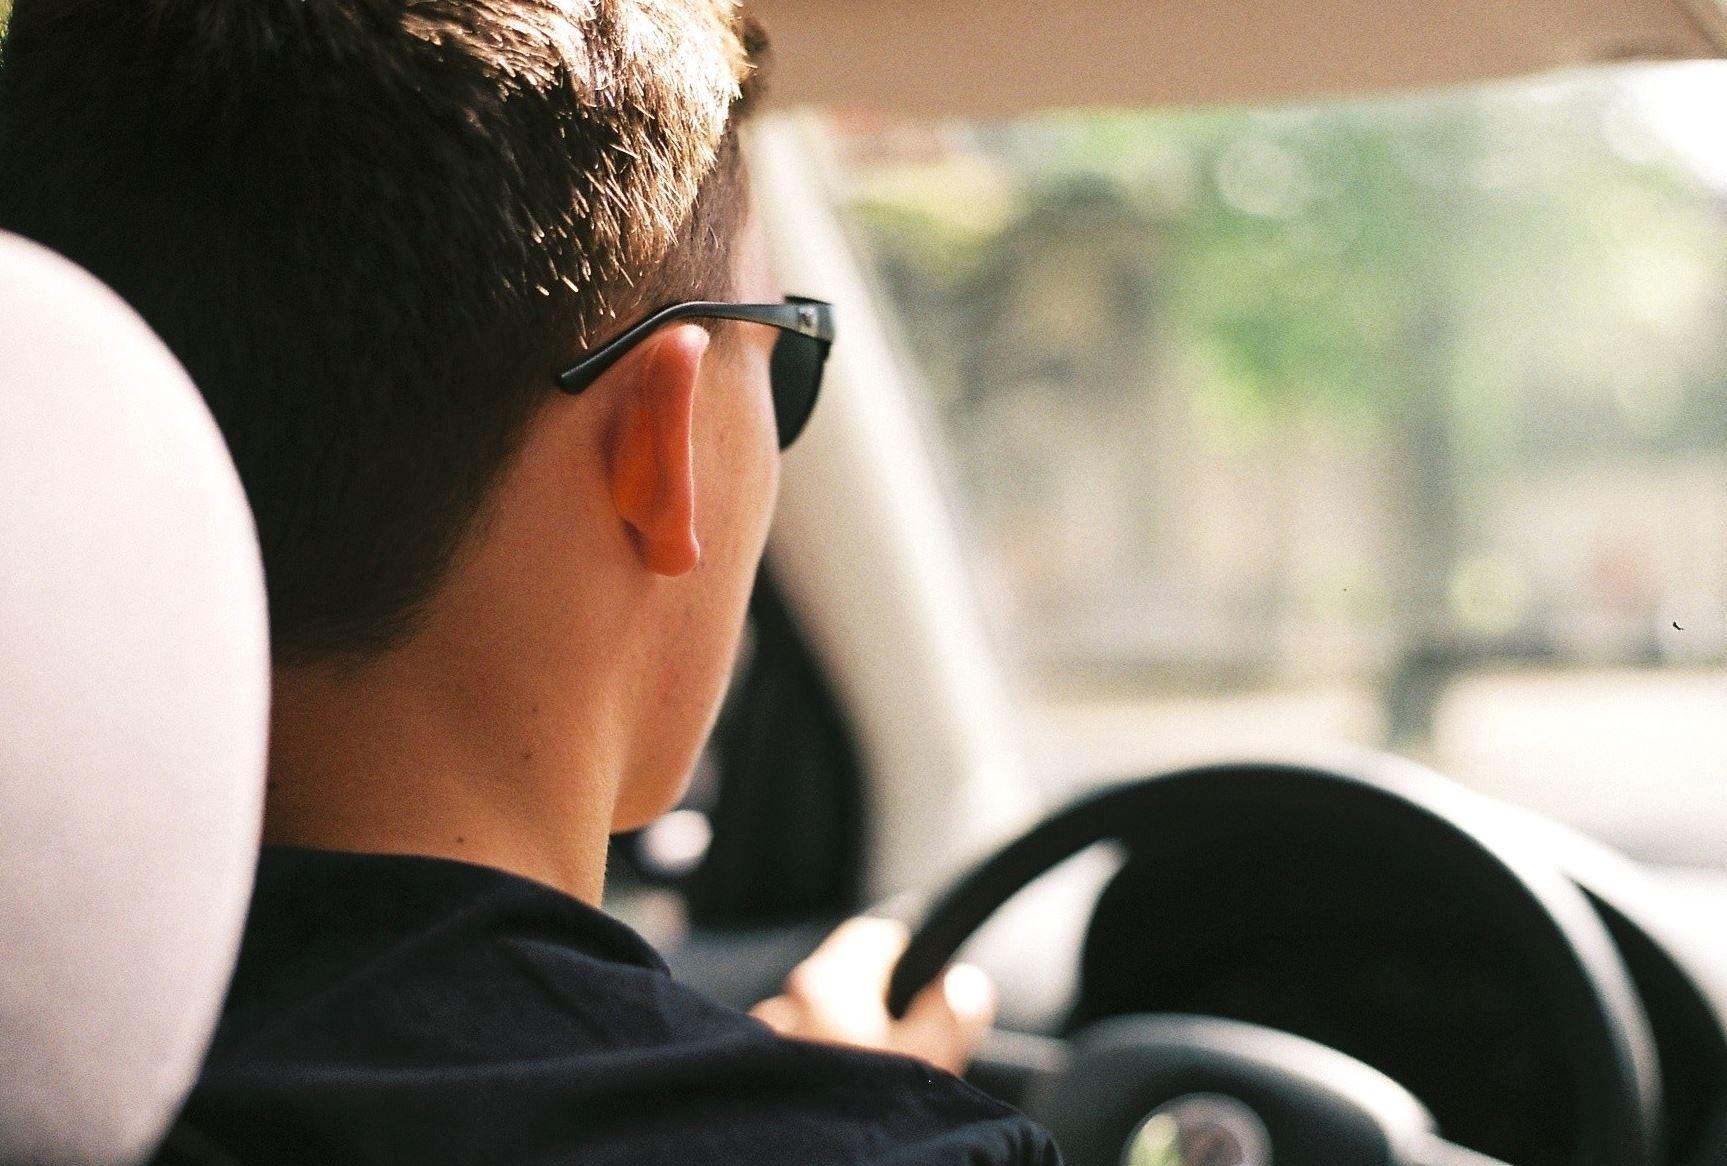 Description du métier de chauffeur